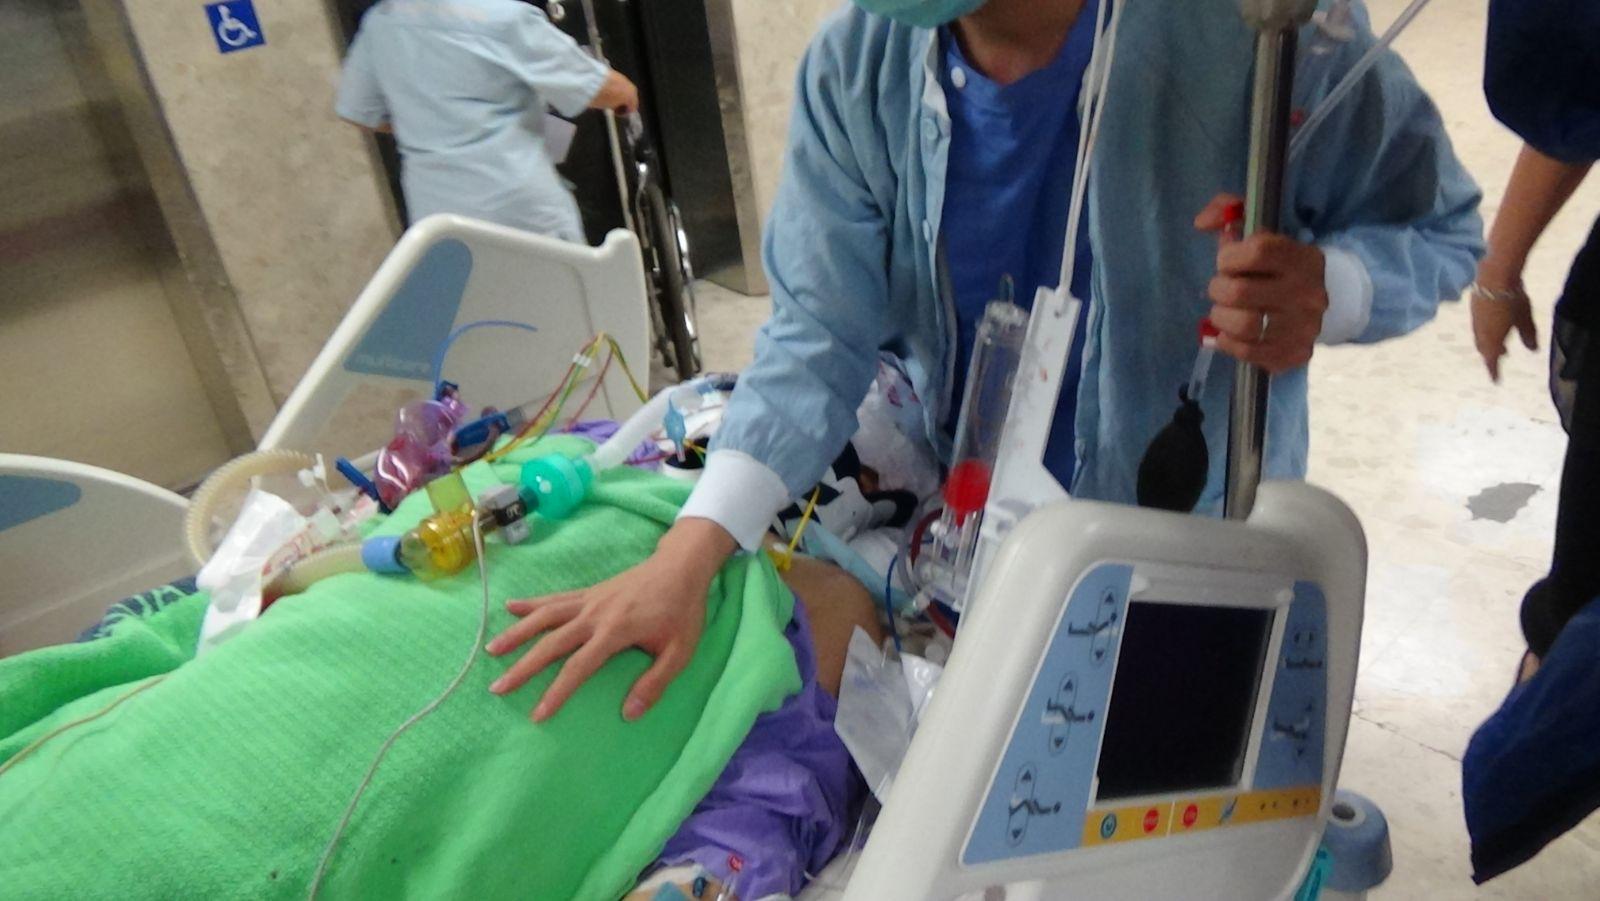 工人完成腦手術留醫深切治療部。